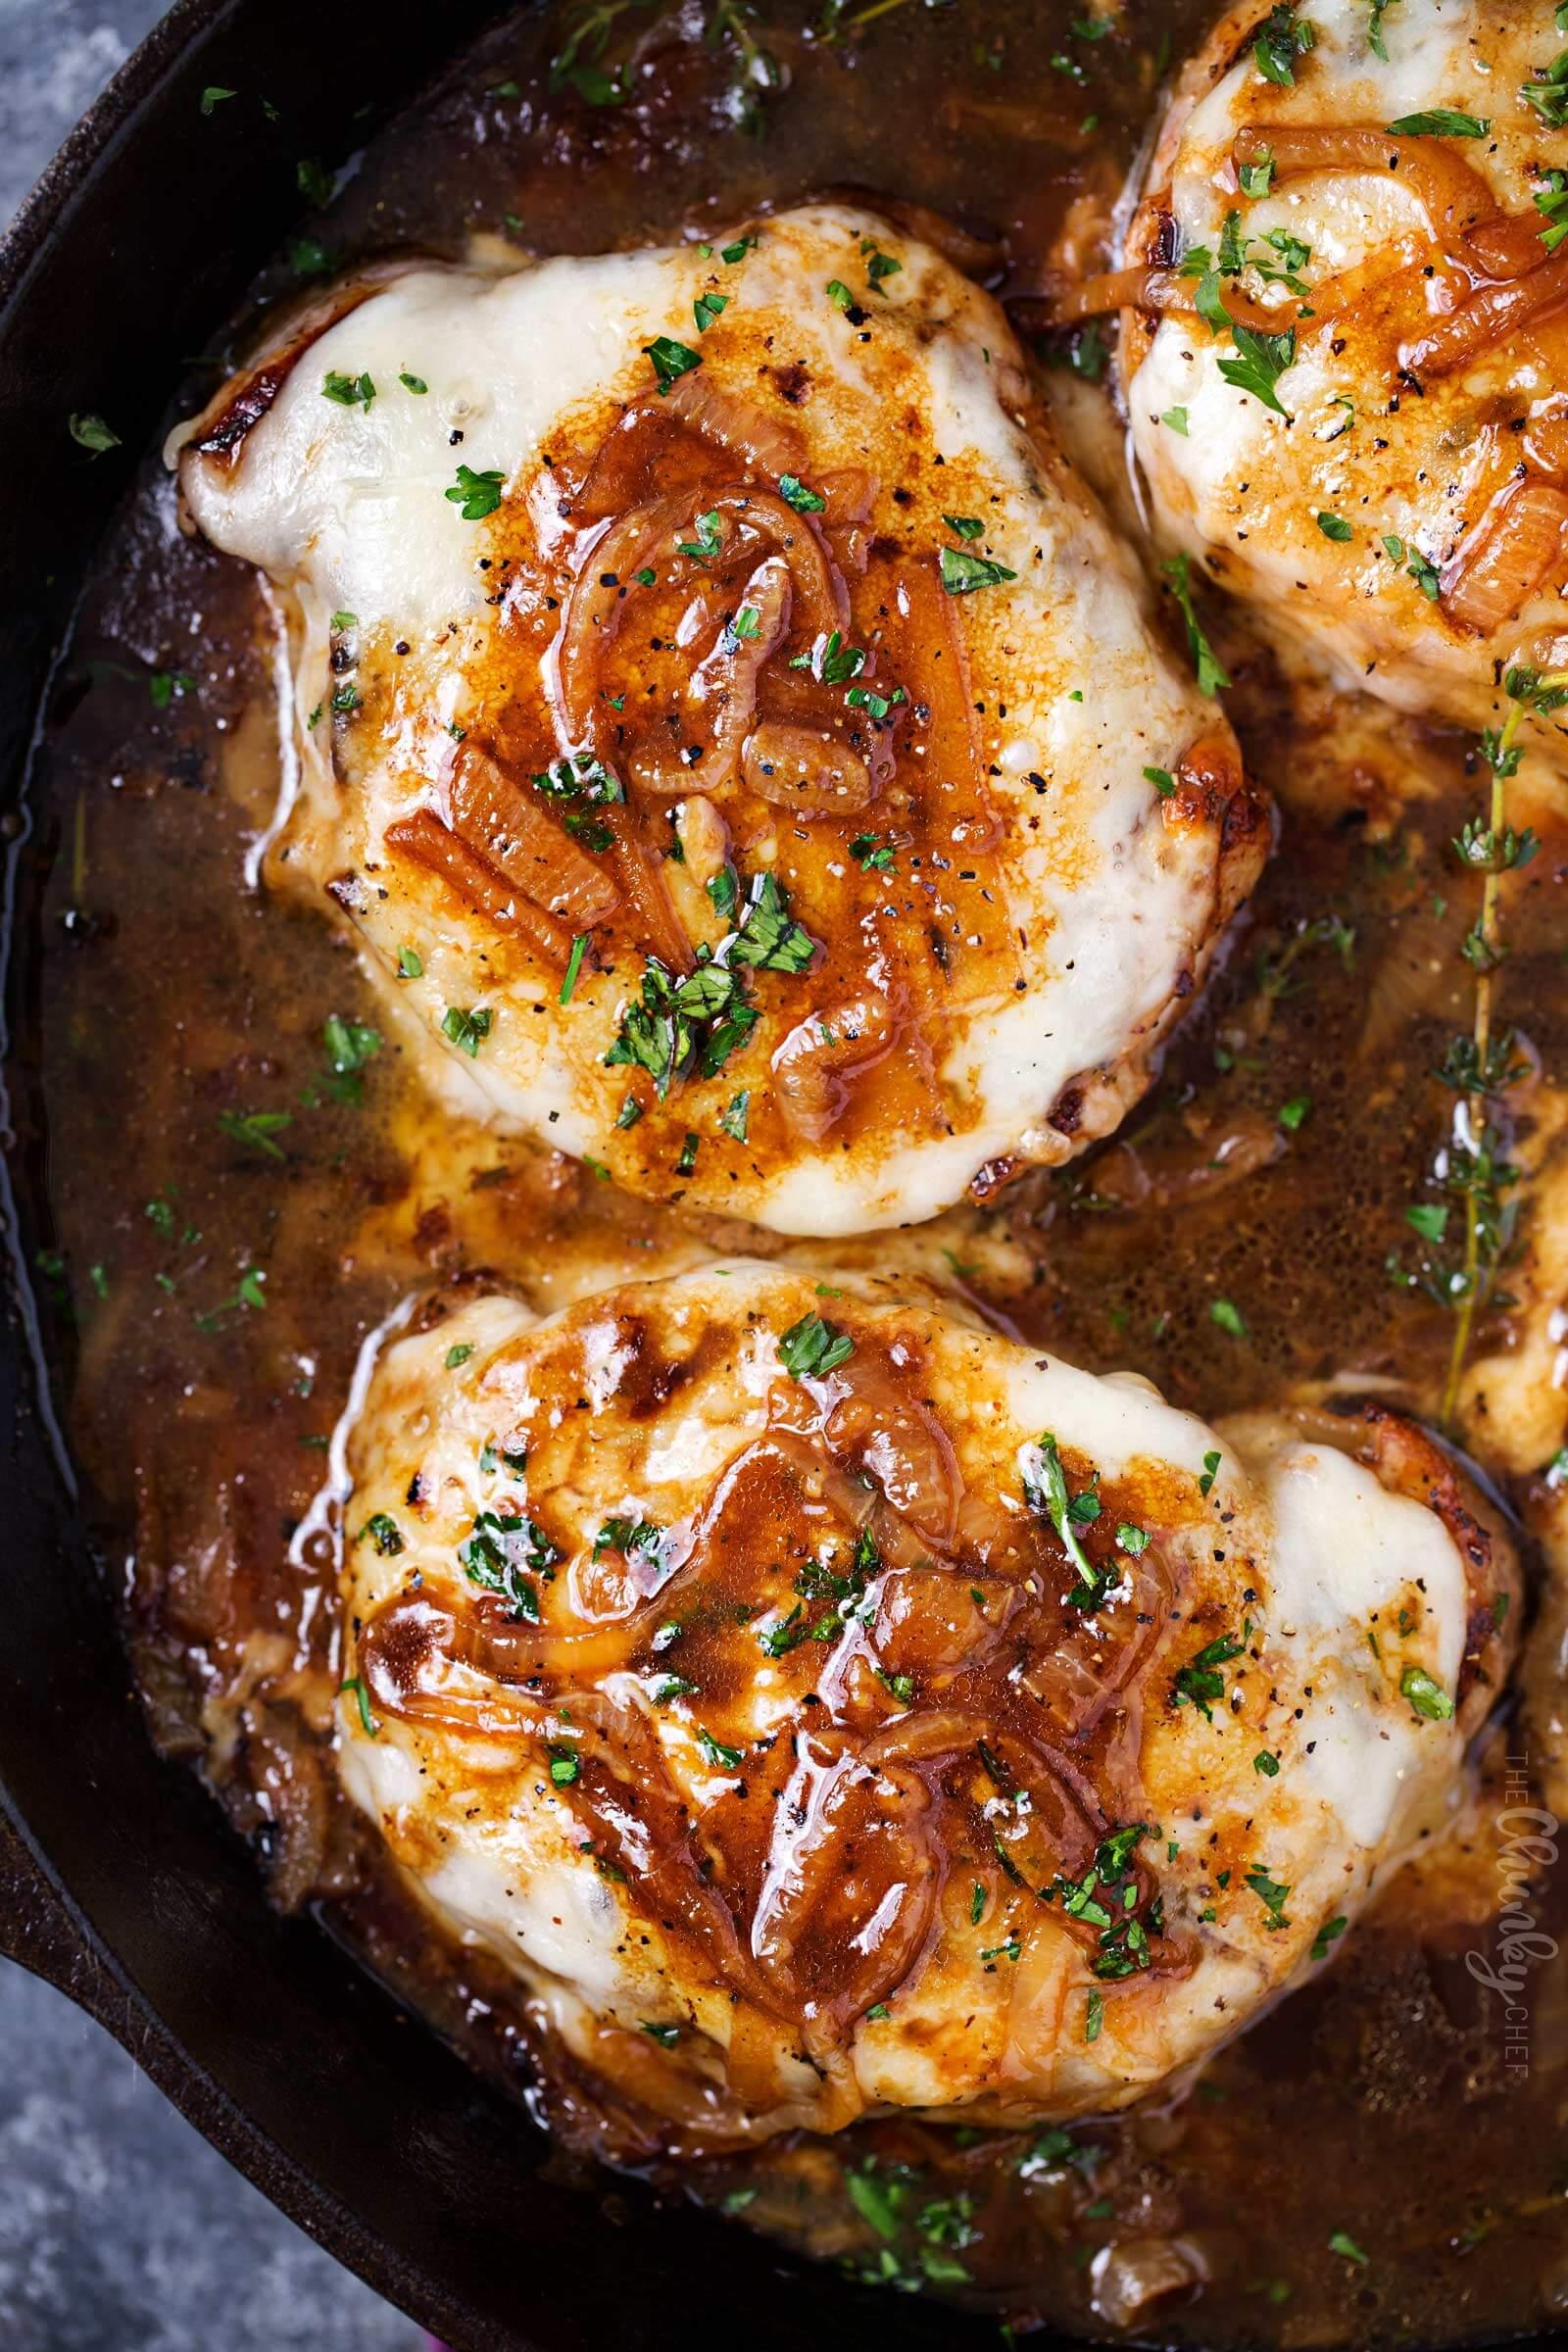 13. Juicy Pan Seared Pork Chop